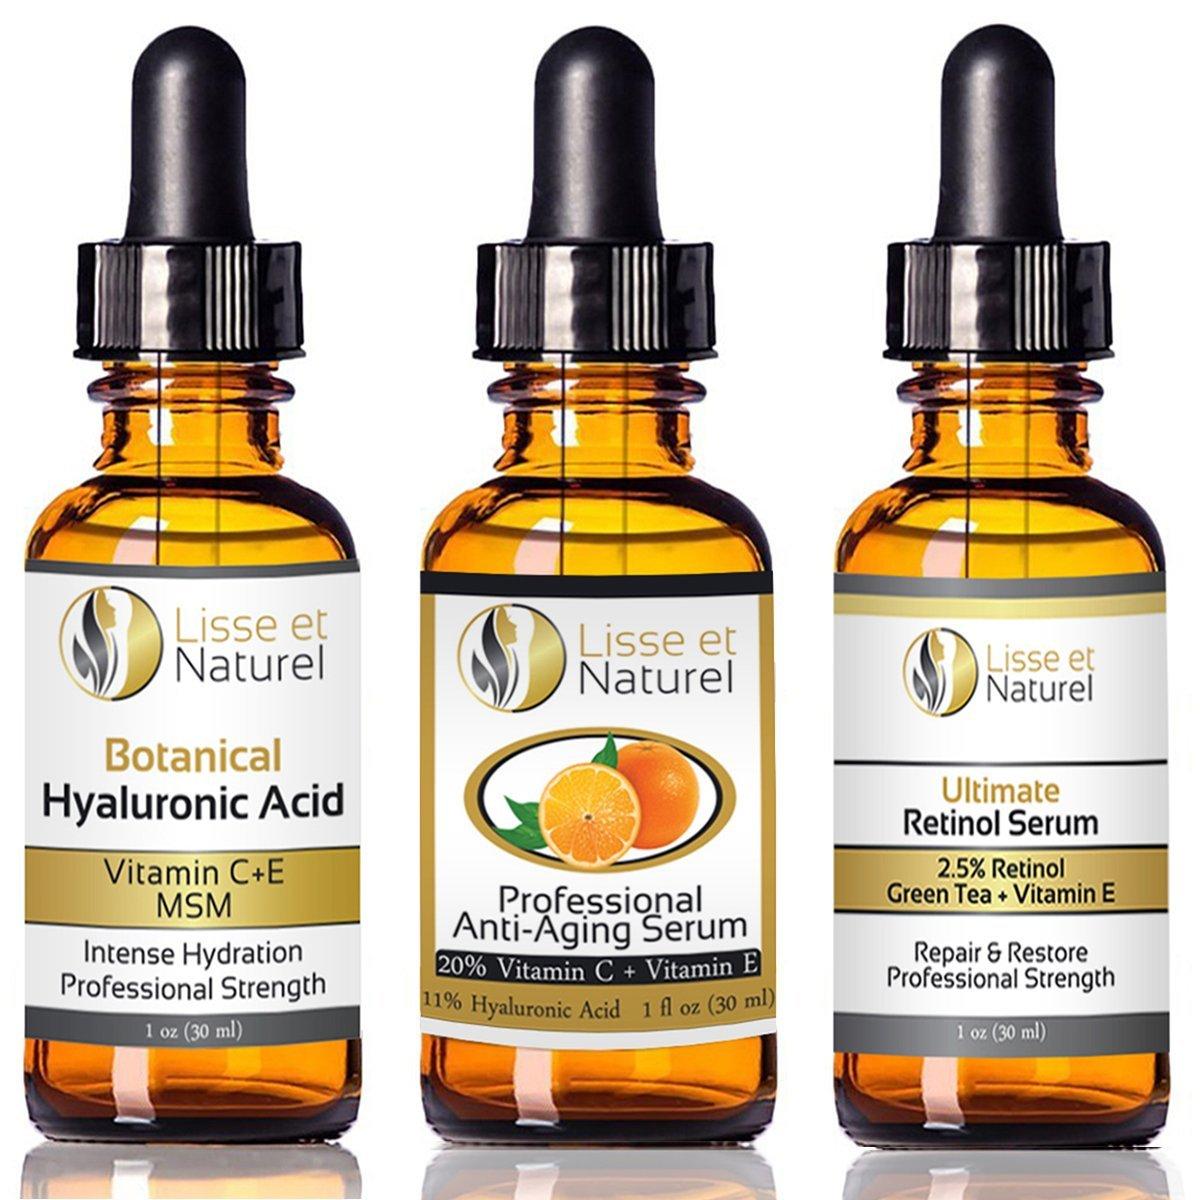 Lisse et Naturel Liquid Facelift, Vitamin C, 2.5% Retinol, Hyaluronic Acid Serum